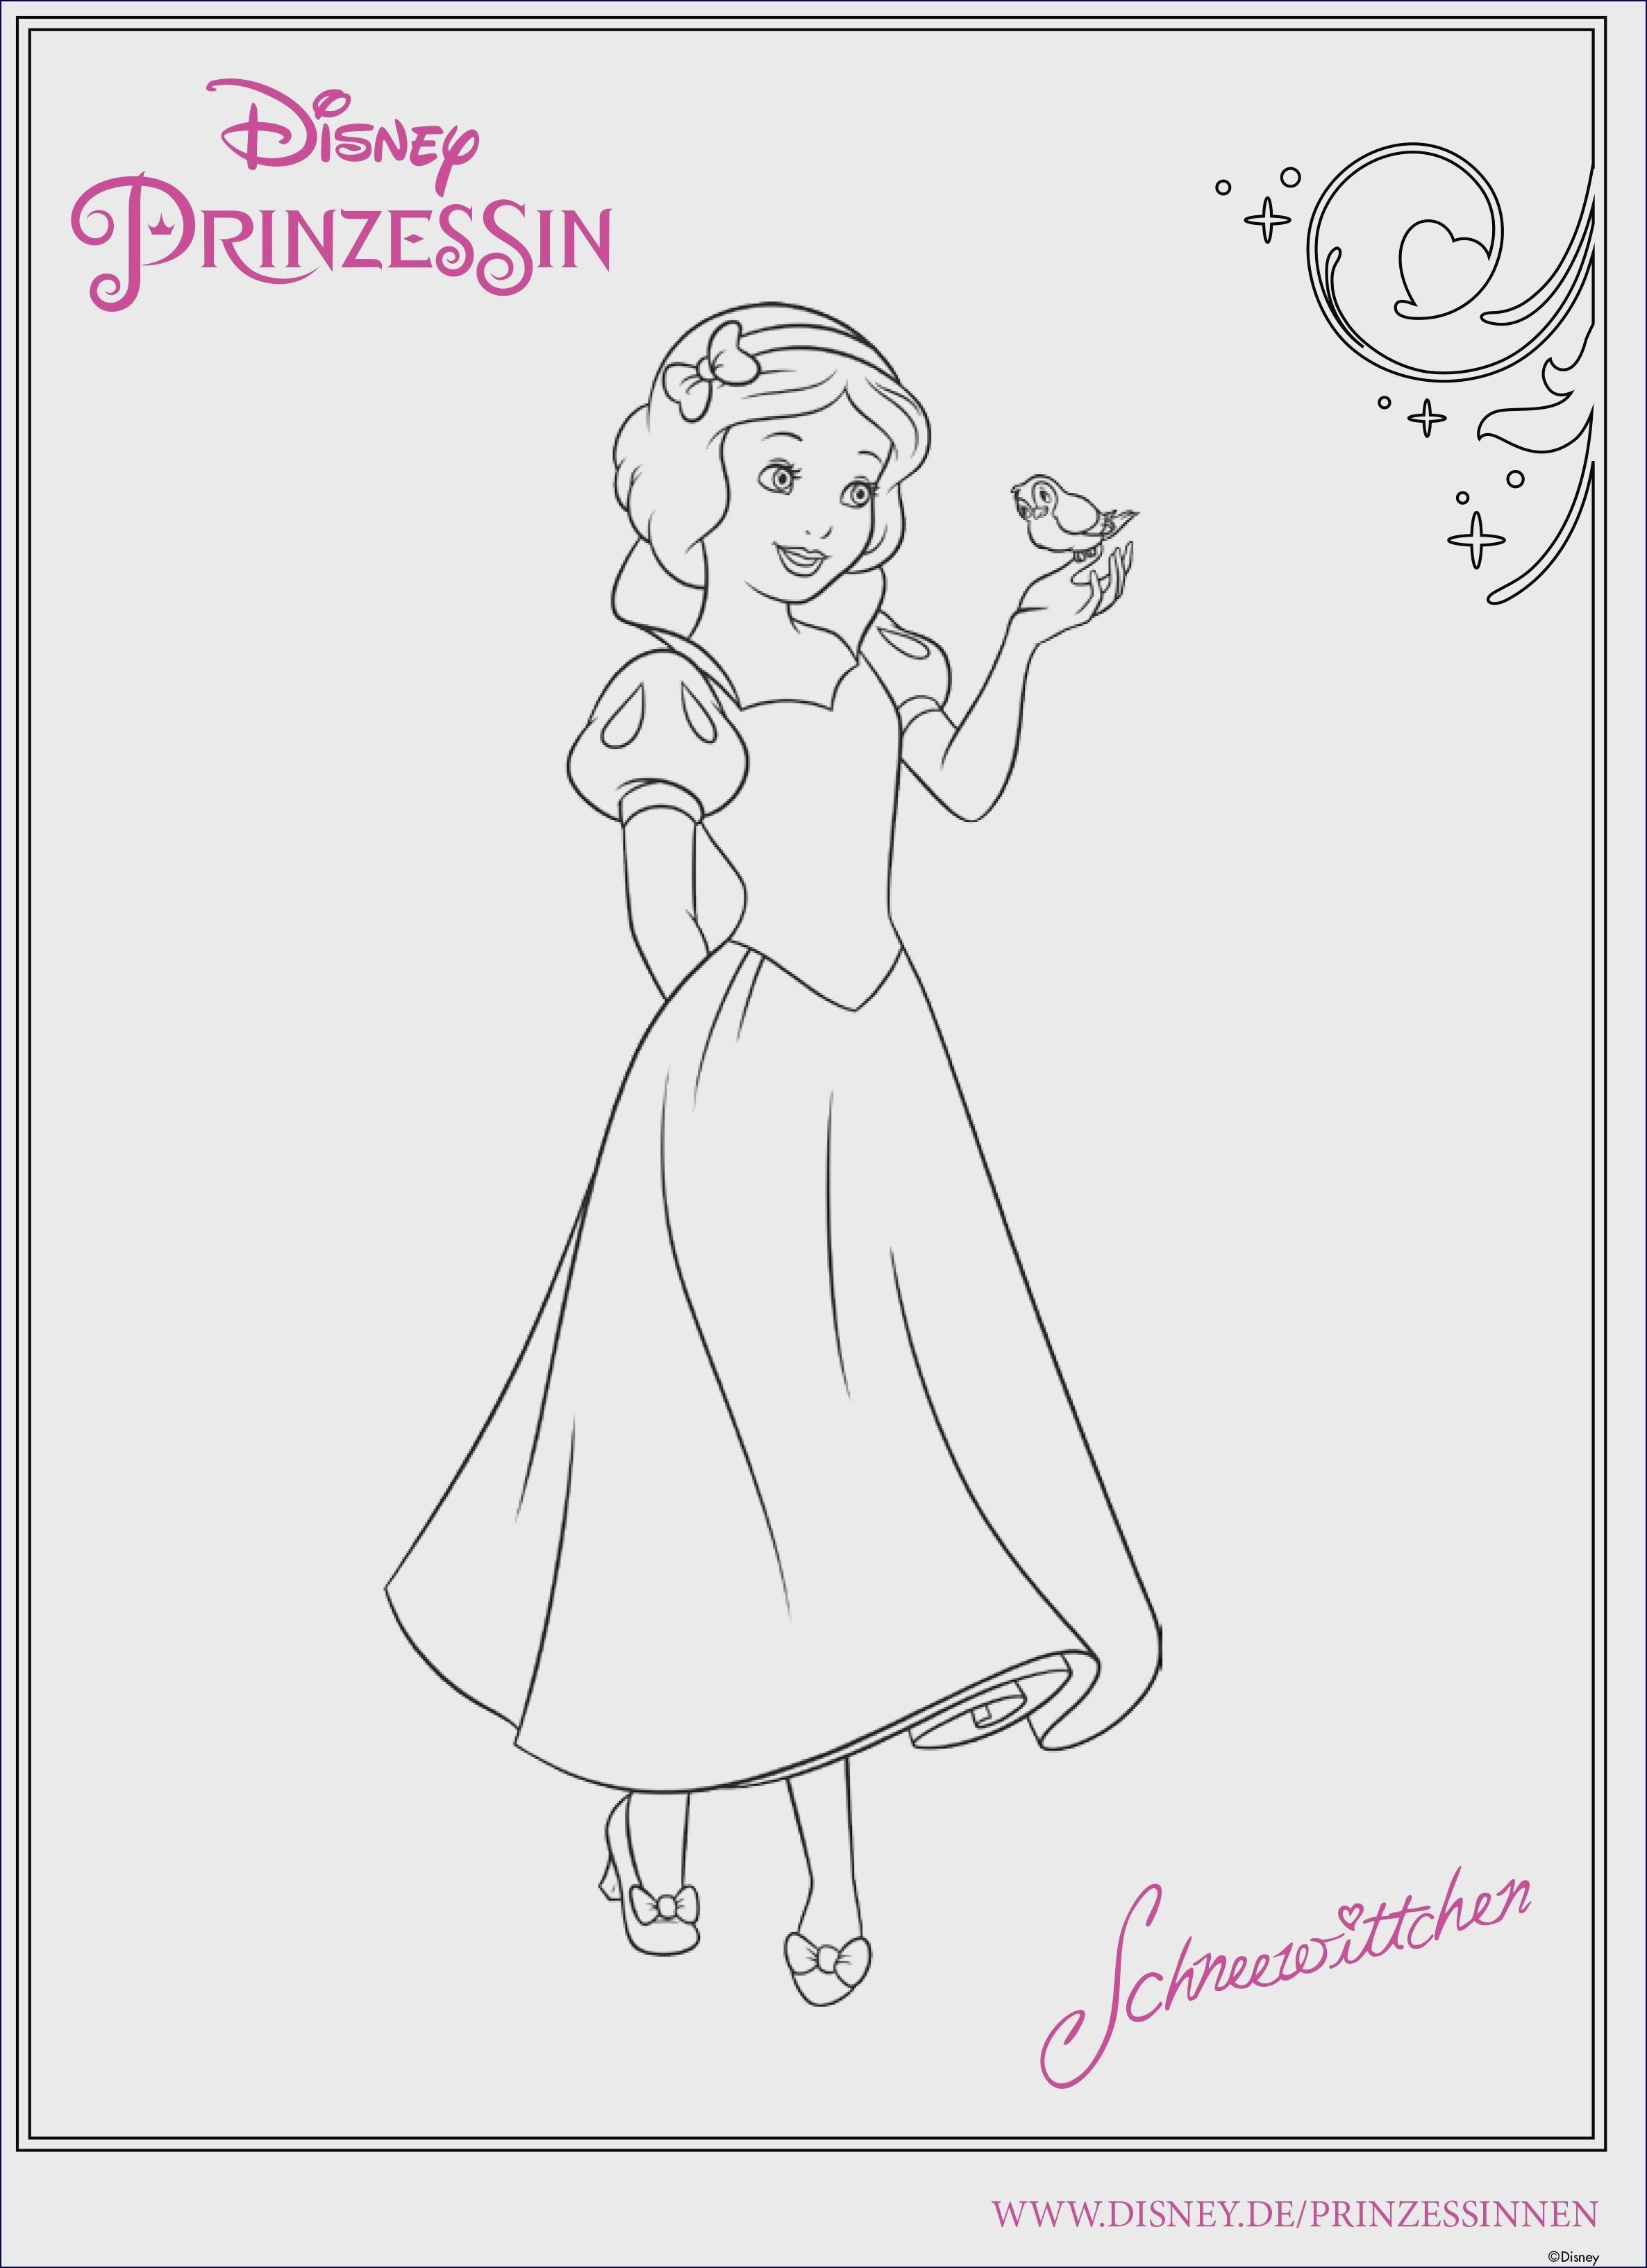 Disney Prinzessinnen Malvorlagen Einzigartig Bildergalerie & Bilder Zum Ausmalen Malvorlage Prinzessin Mit Bild